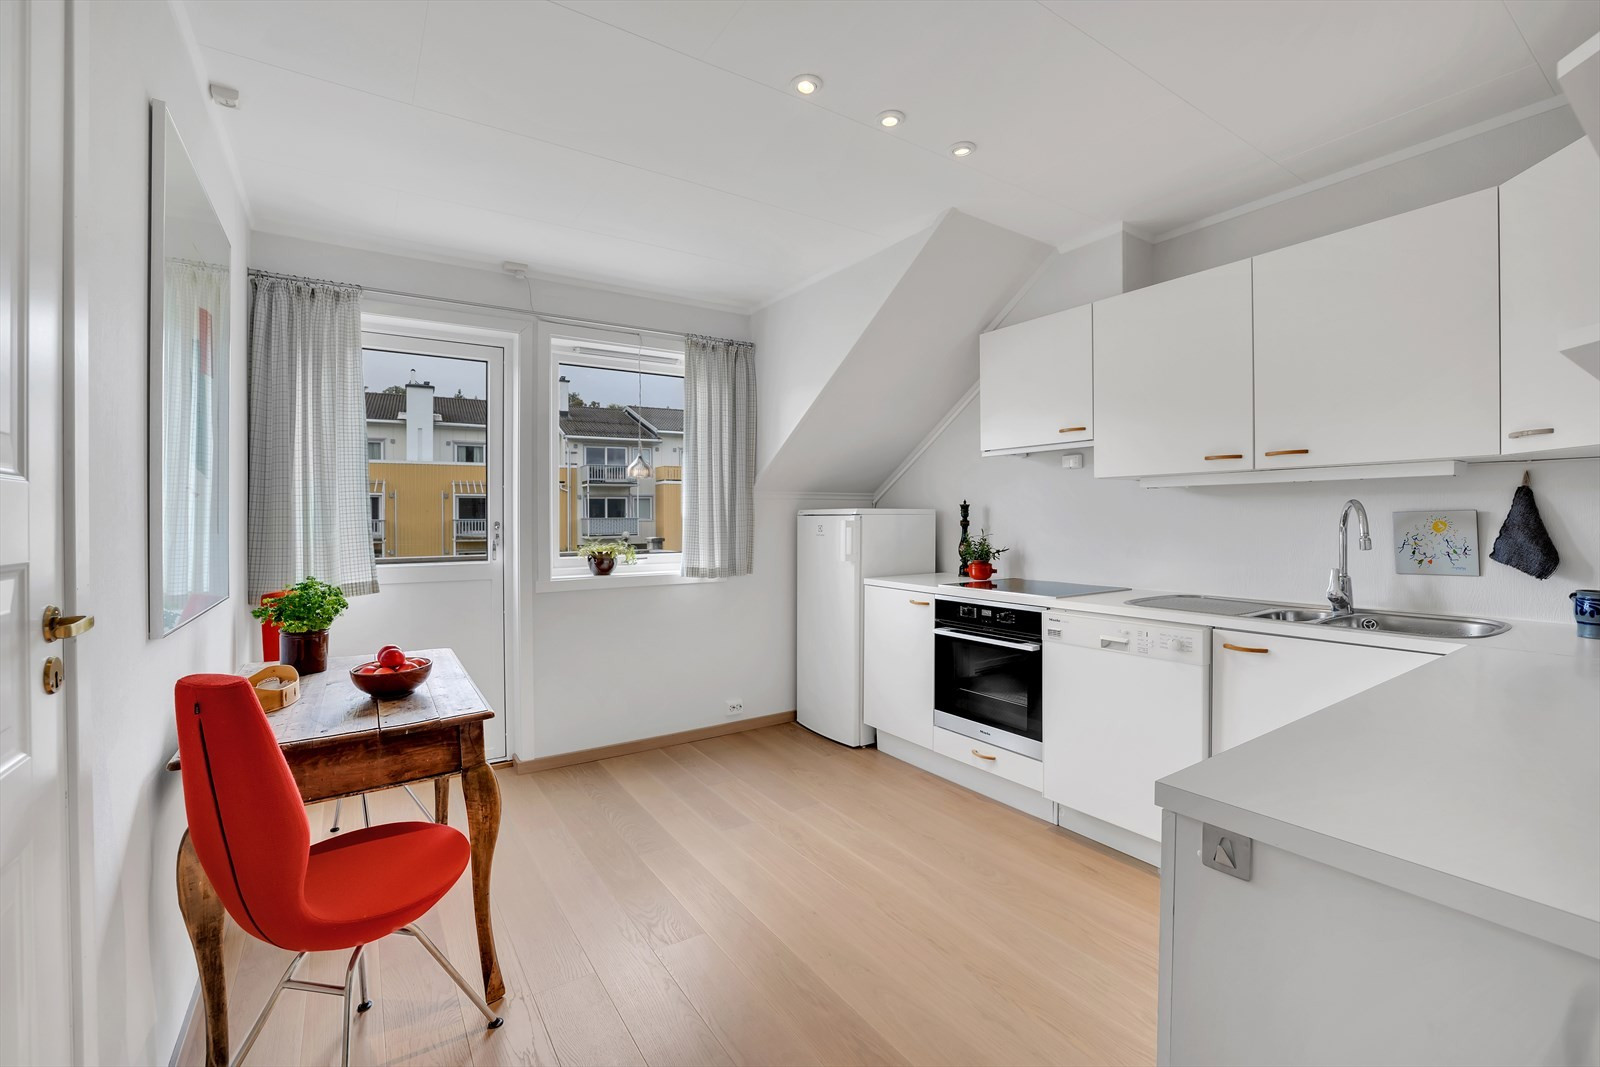 Kjøkkenet er av fin størrelse med god skap- og benkeplass